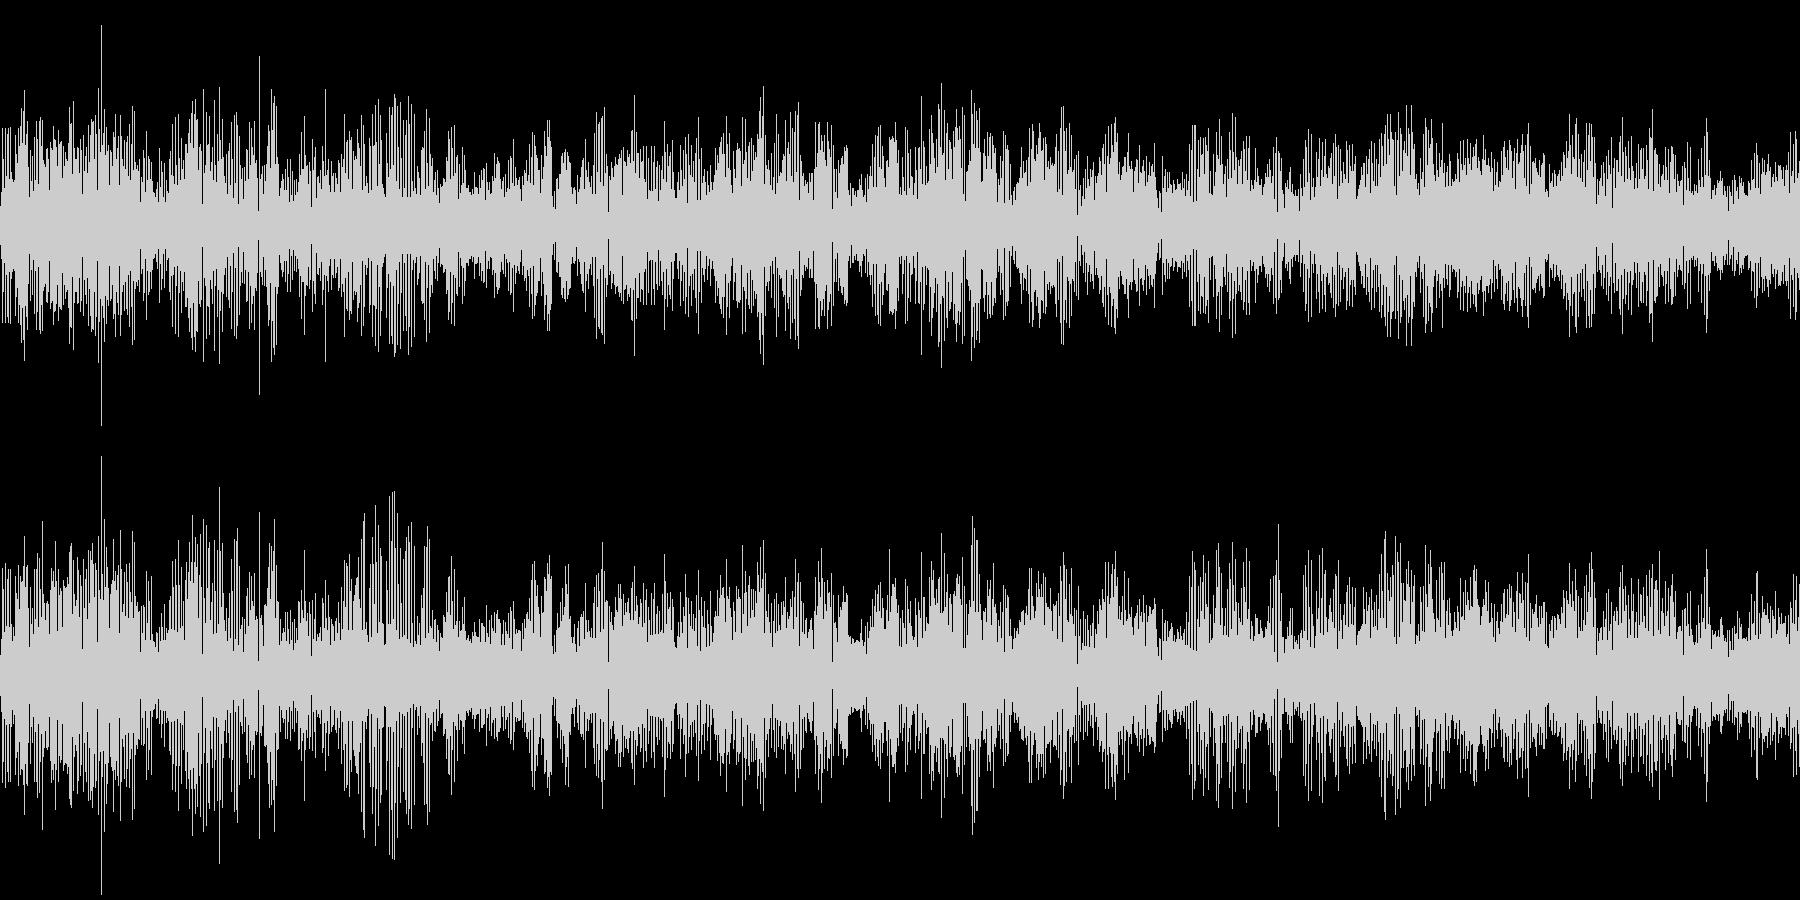 カエルの大合唱(環境音)の未再生の波形